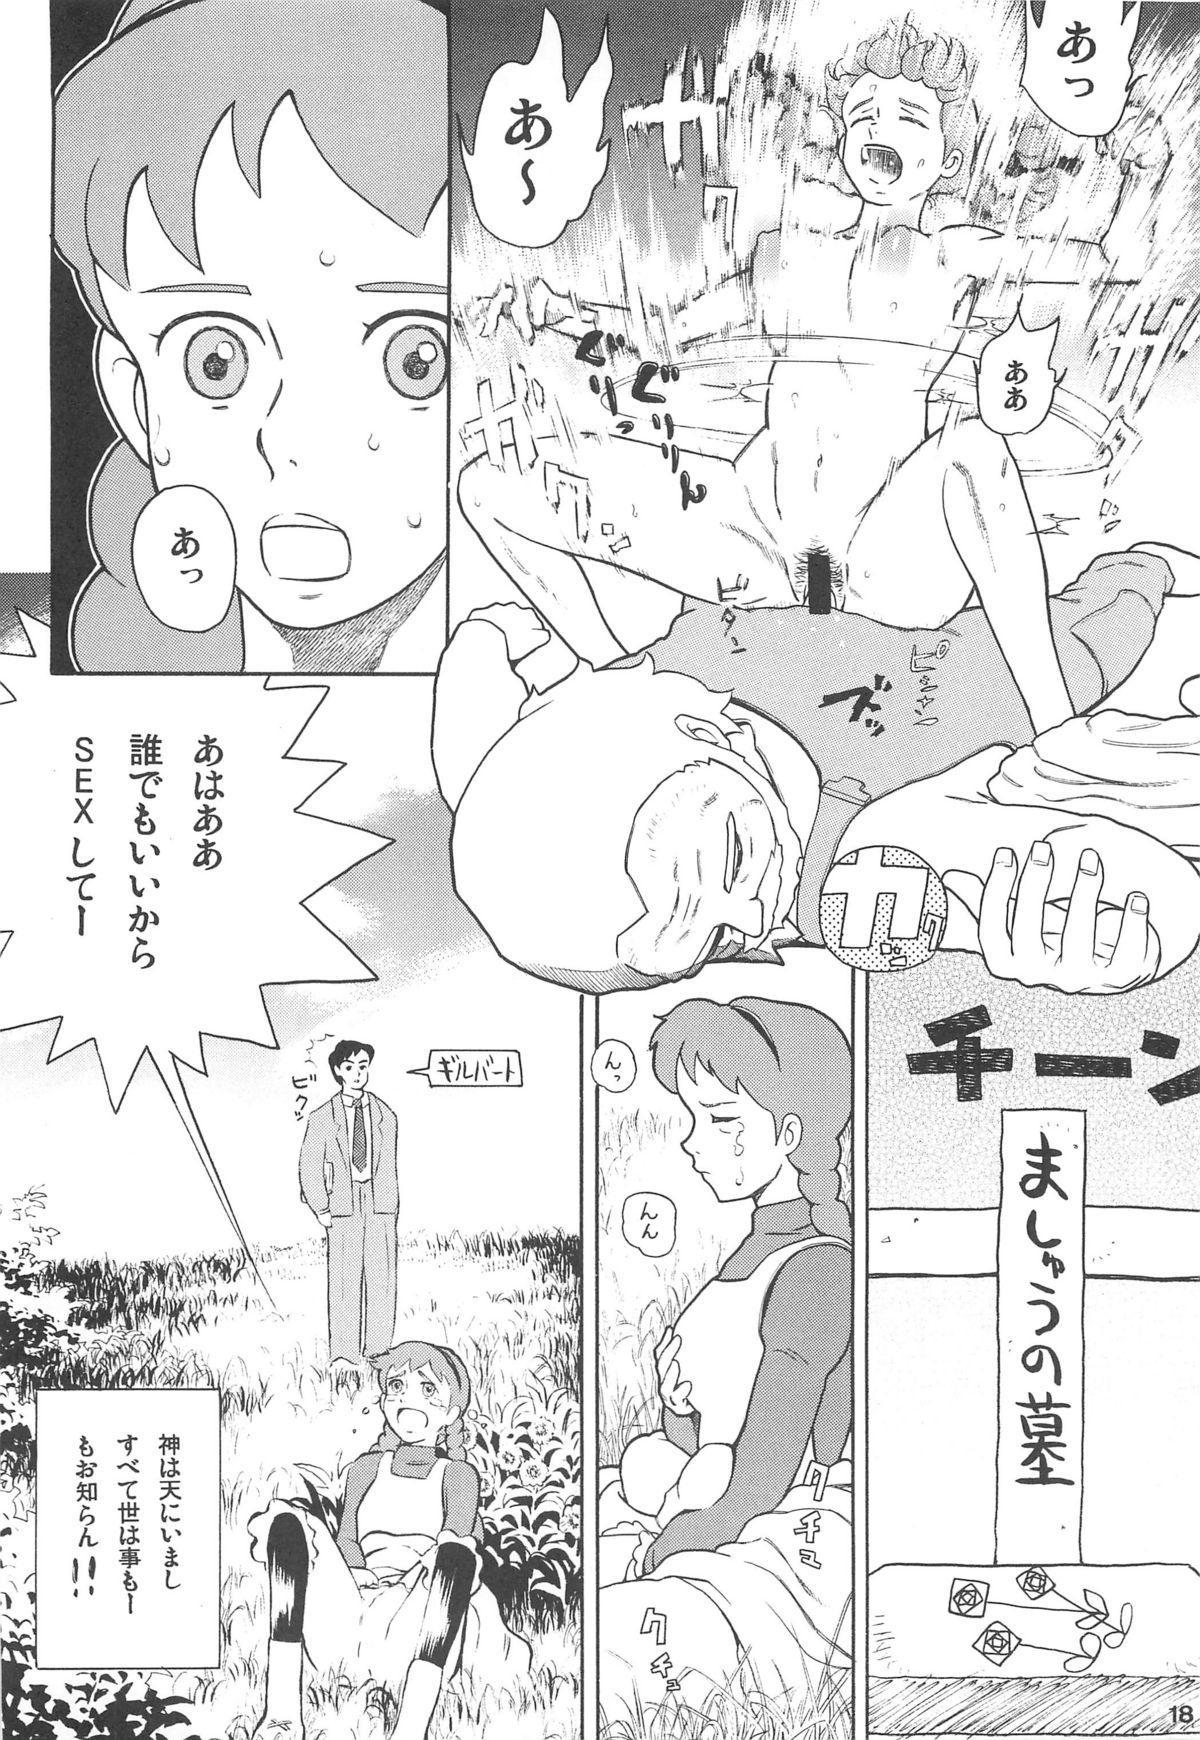 Hatch & Zukki no Sekai Meisaku Gekijou 17